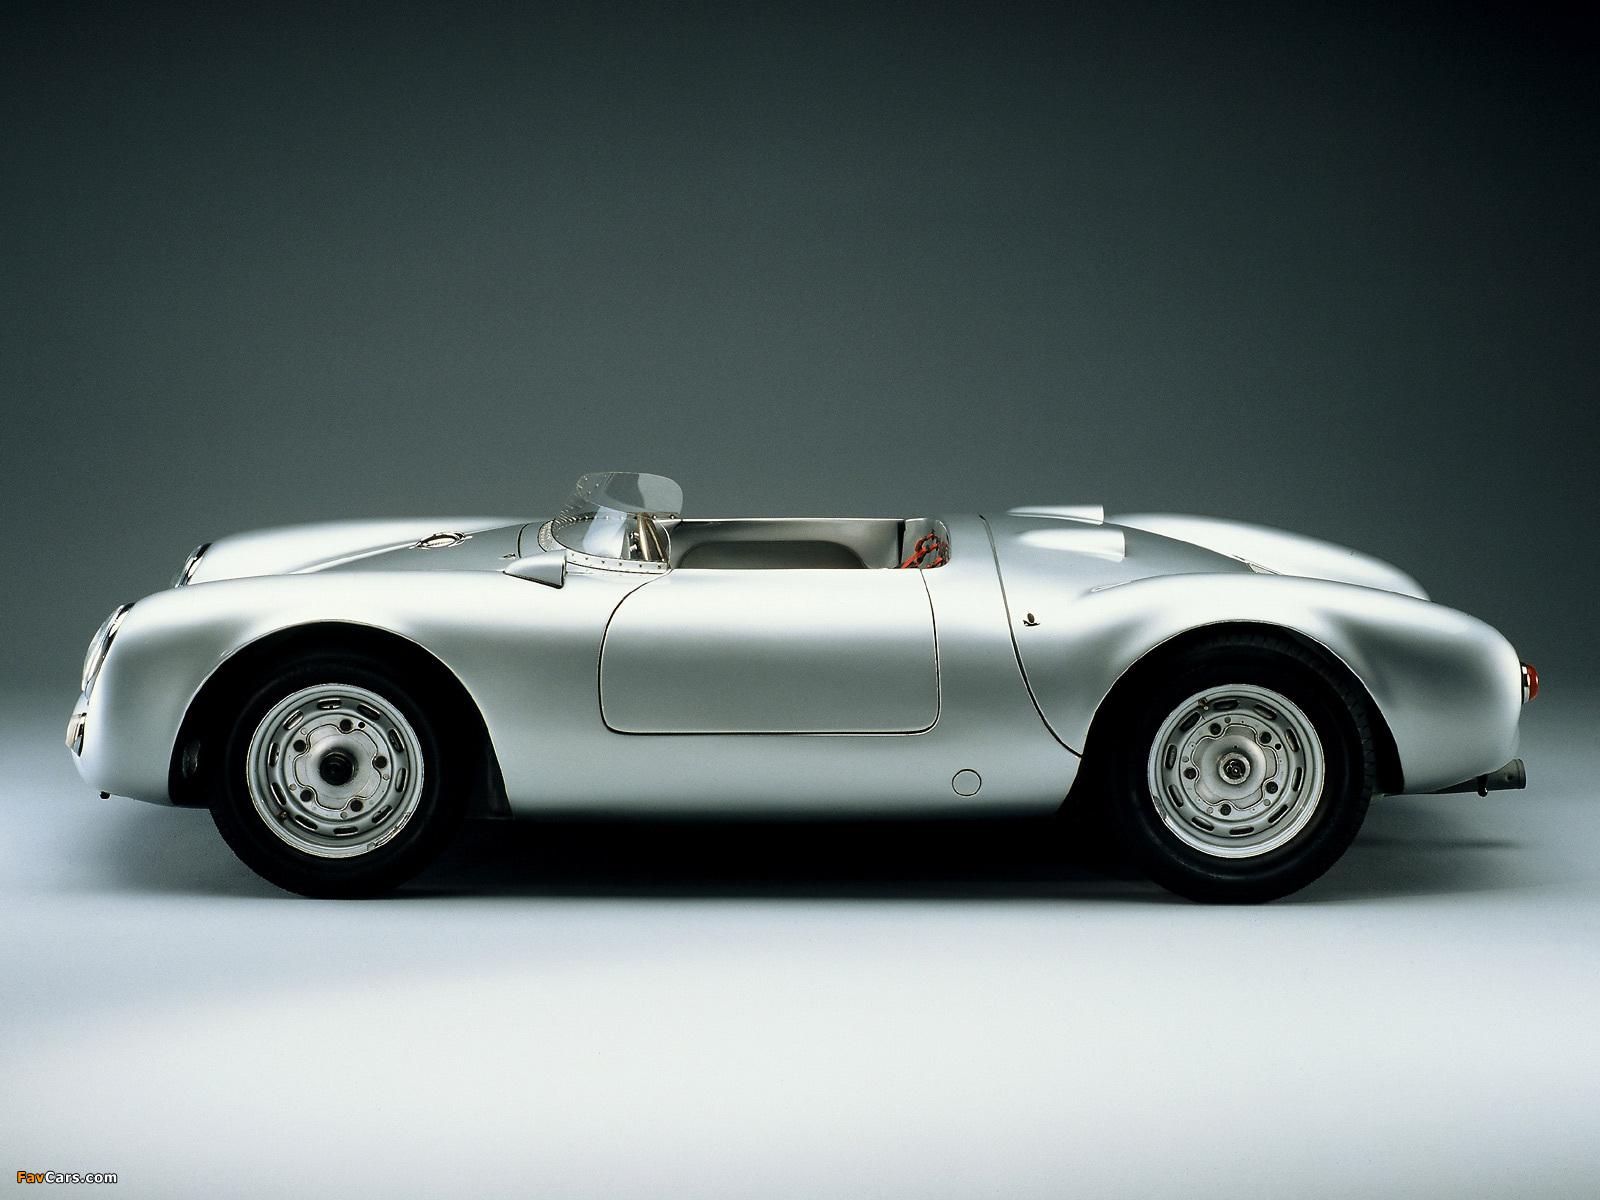 porsche 550 spyder 195658 wallpapers - Porsche Spyder 550